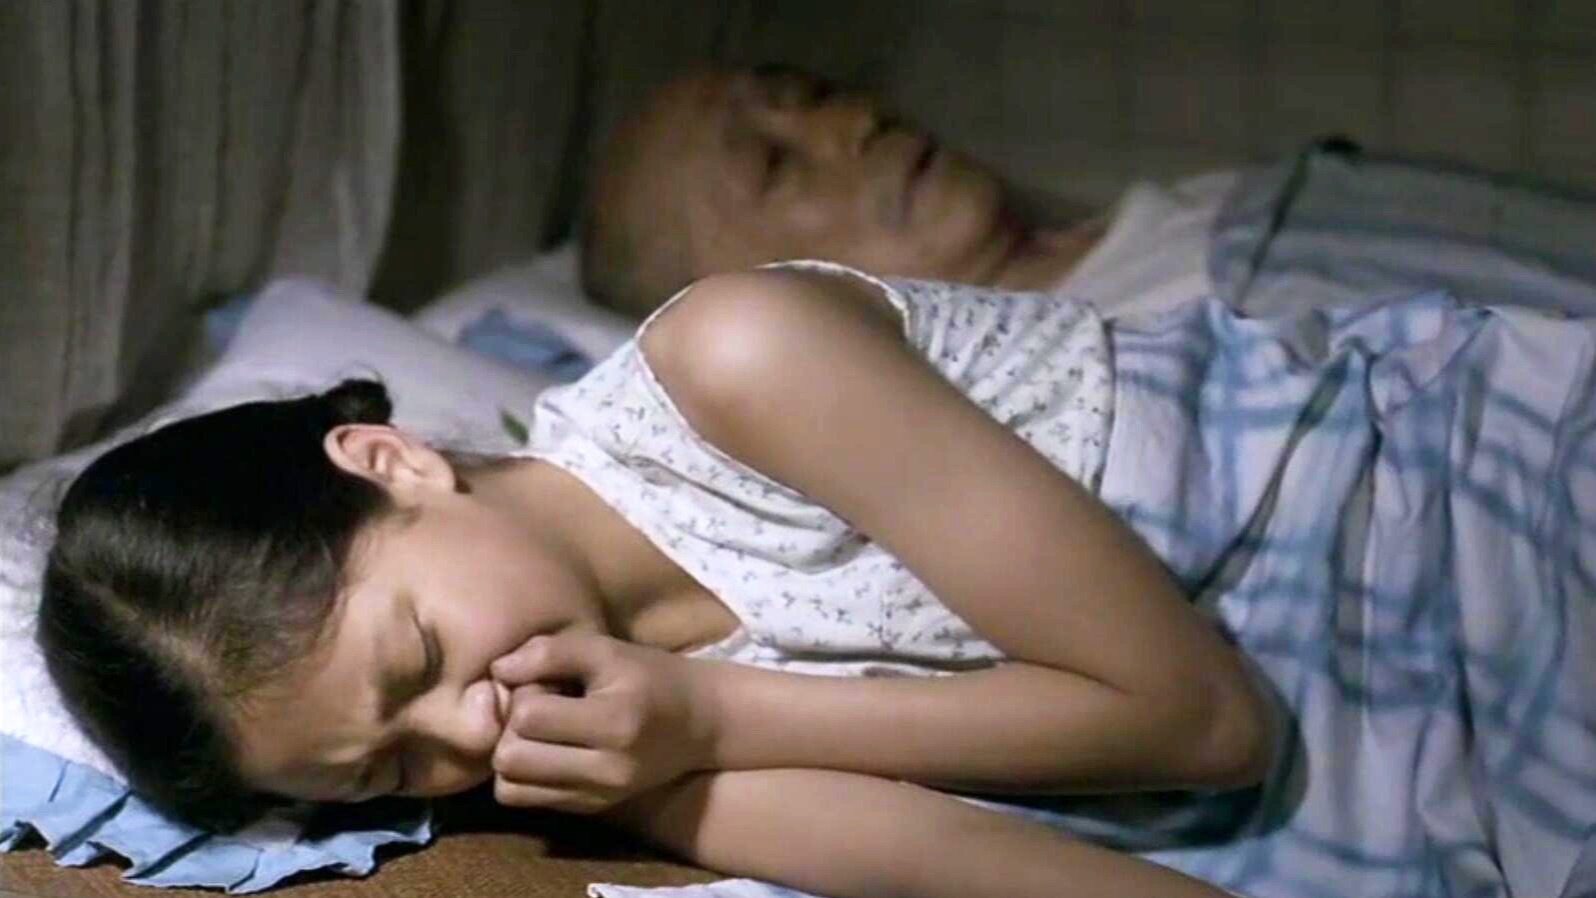 #电影迷的修养#女孩从小被爷爷带大,每晚和爷爷睡在一起,却时常背过身偷偷哭泣